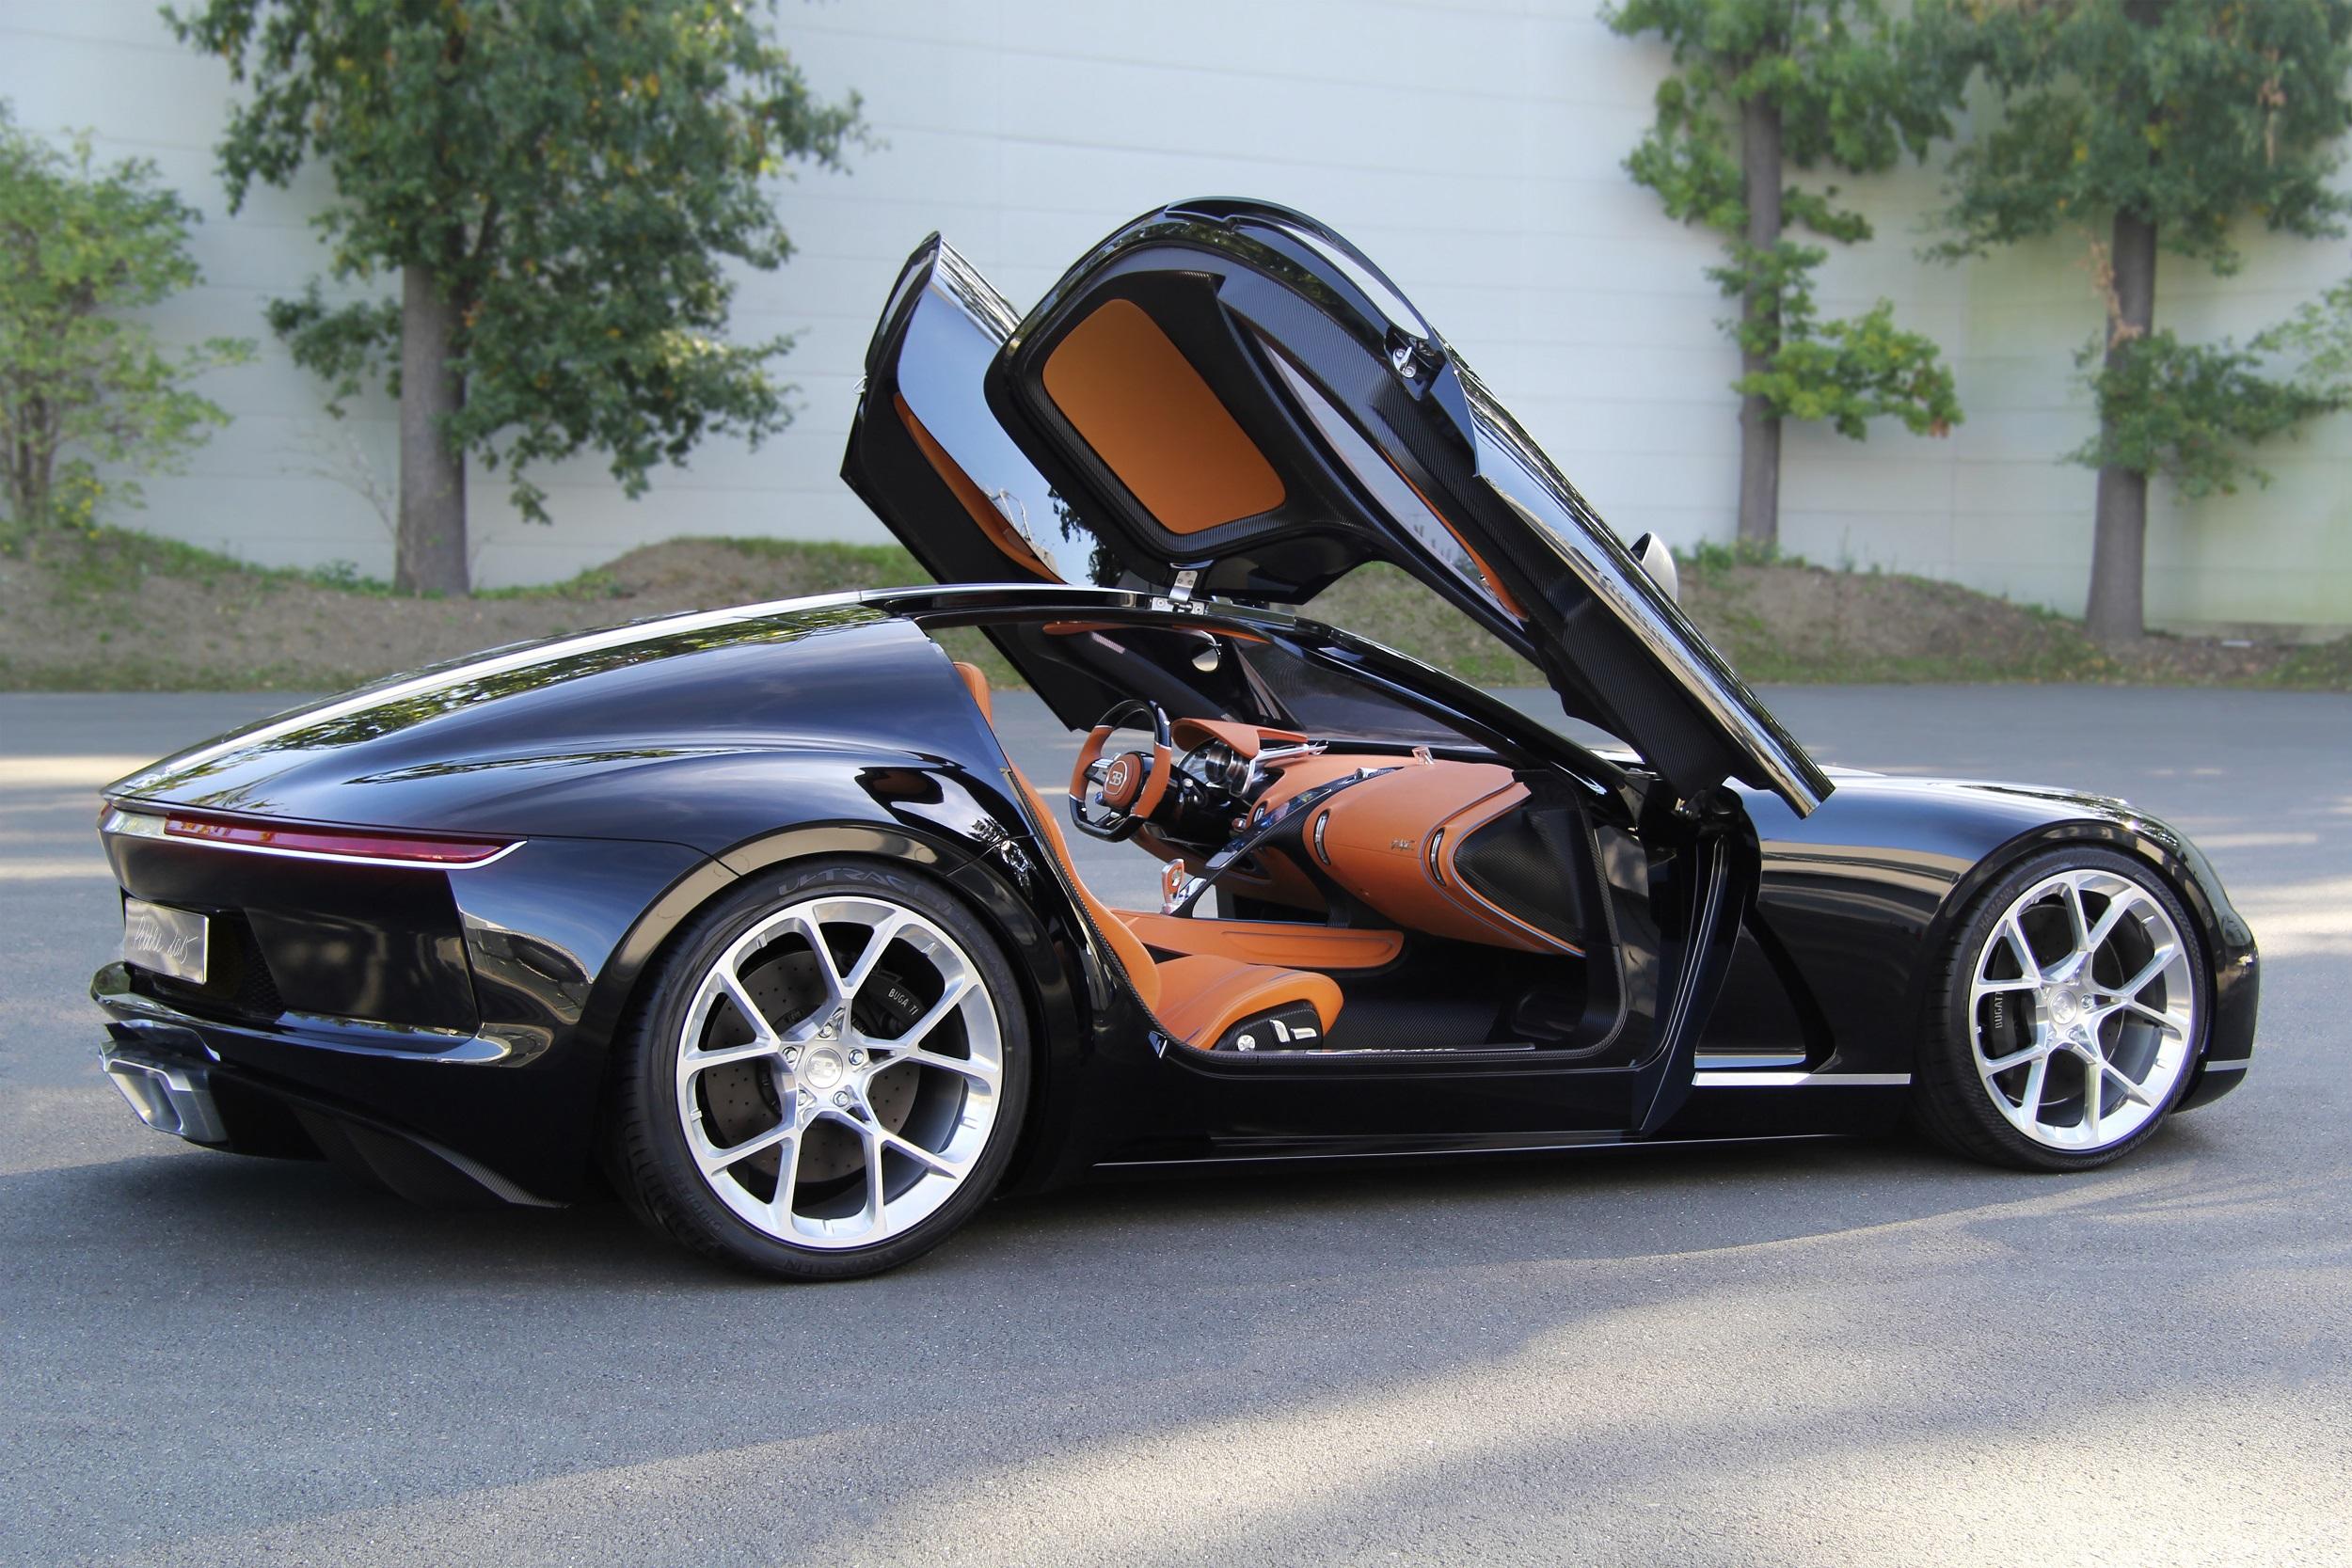 2015 Bugatti Atlantic Official Photo Gallery Autoblog